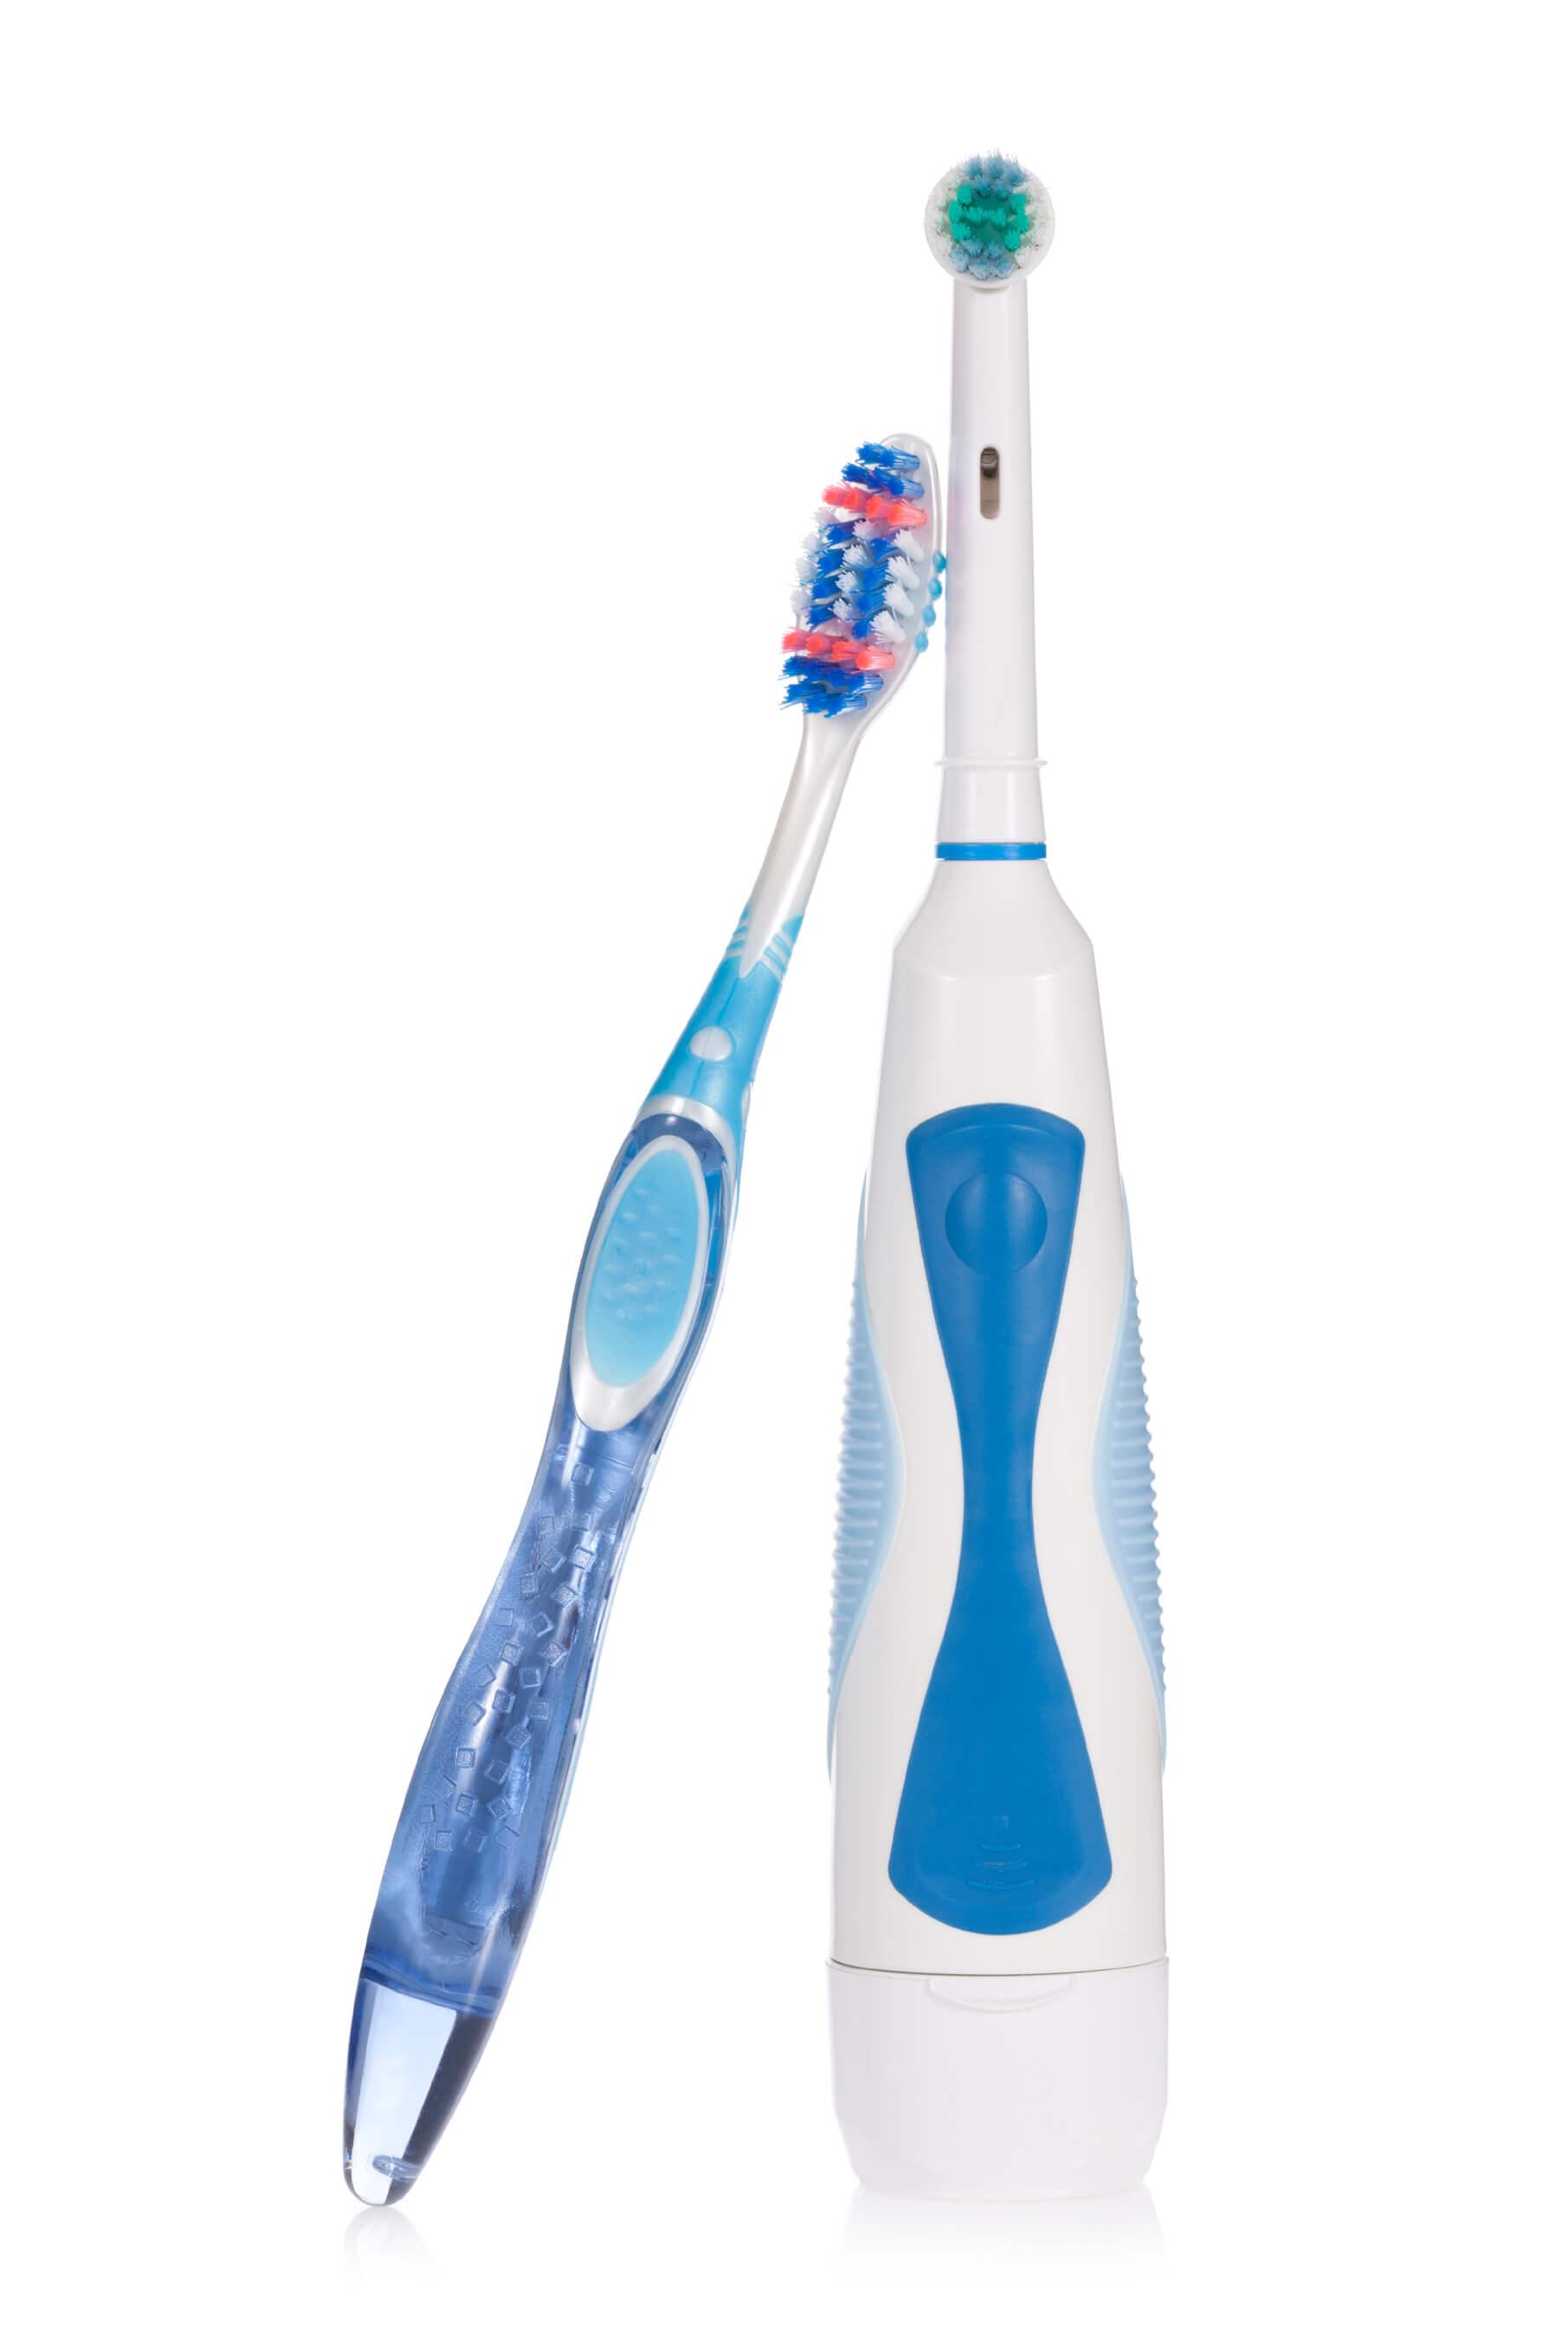 Almindelig tandbørste eller el-tandbørste. If Almindelig vs. elektrisk  tanboerste 600f32853da31